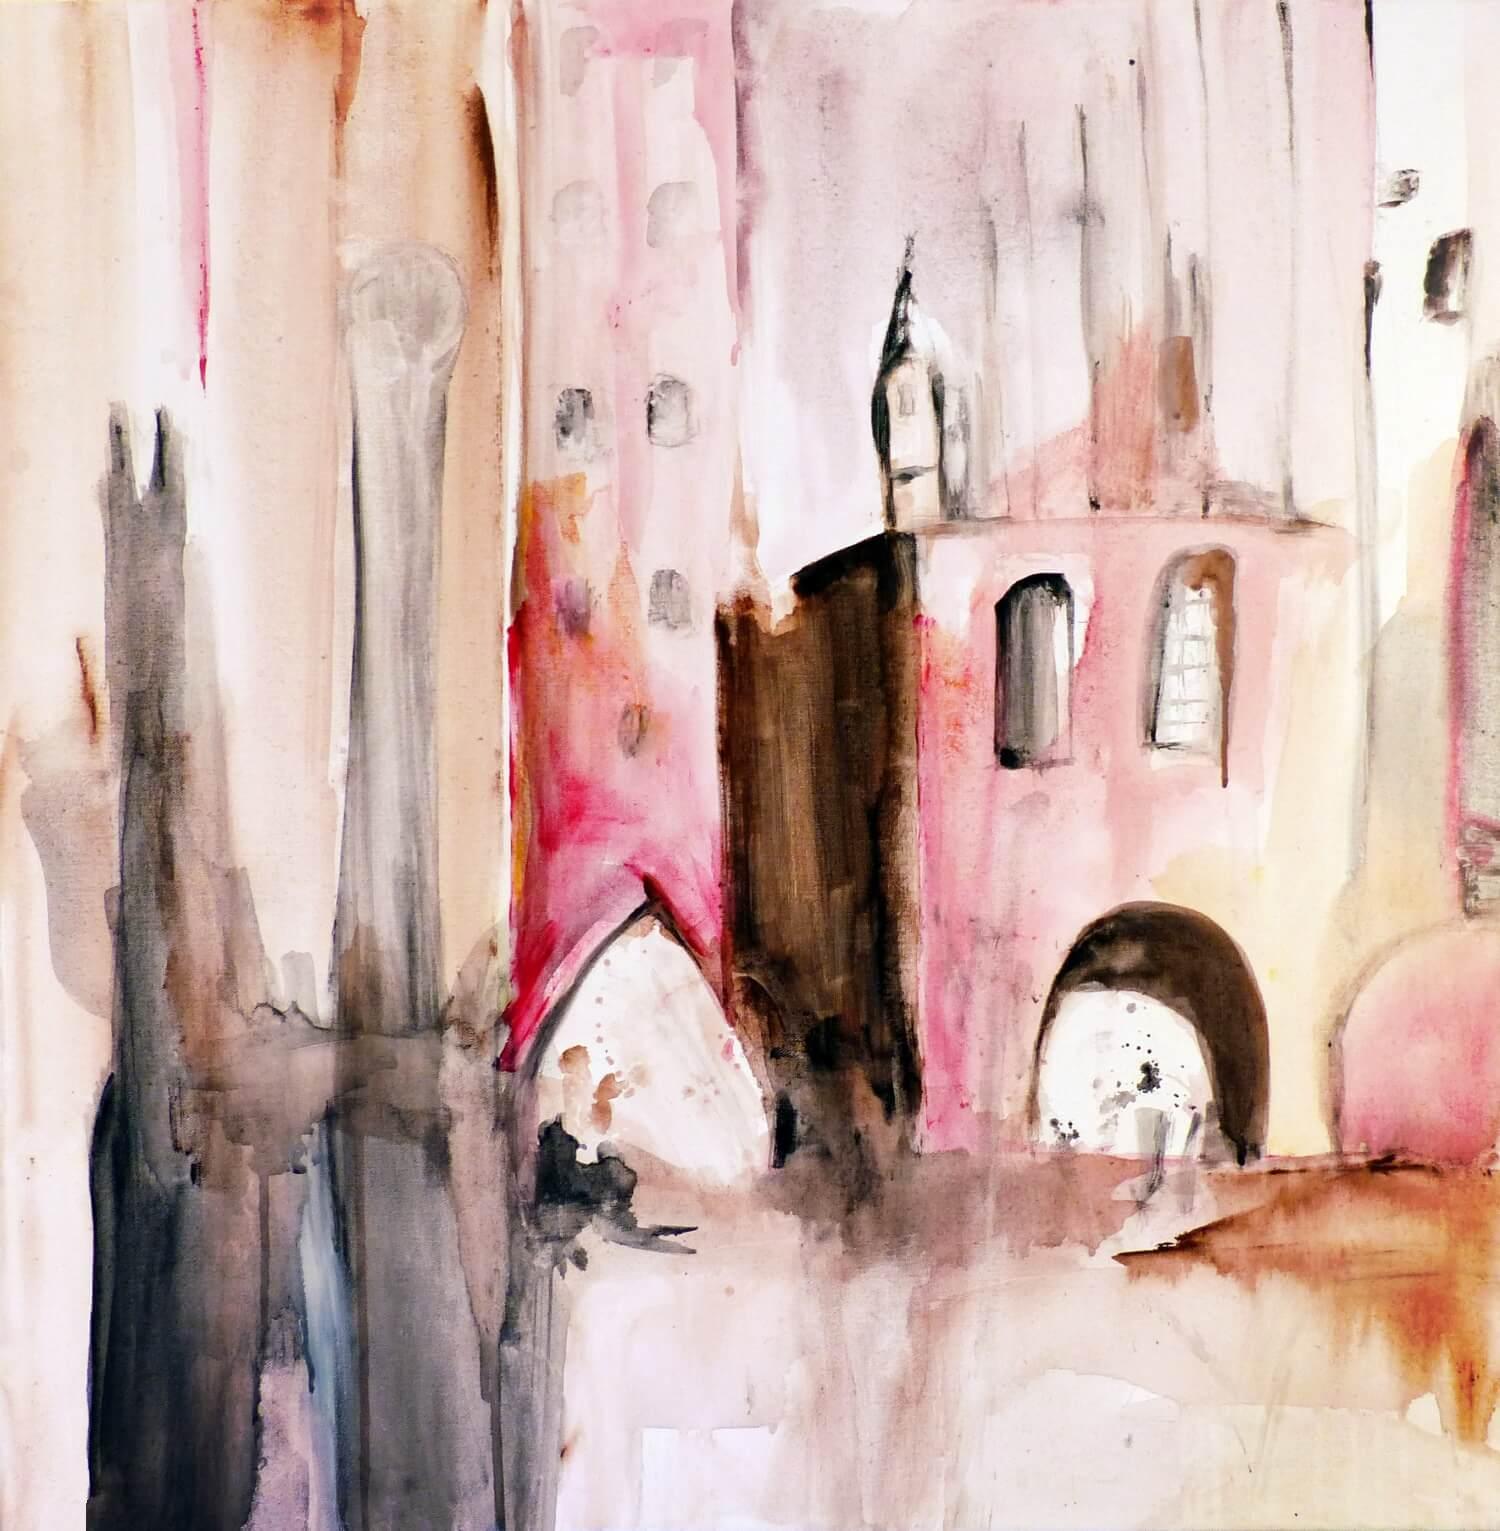 Hohlbaum Art I Sonja Leona I Marienplatz Munich